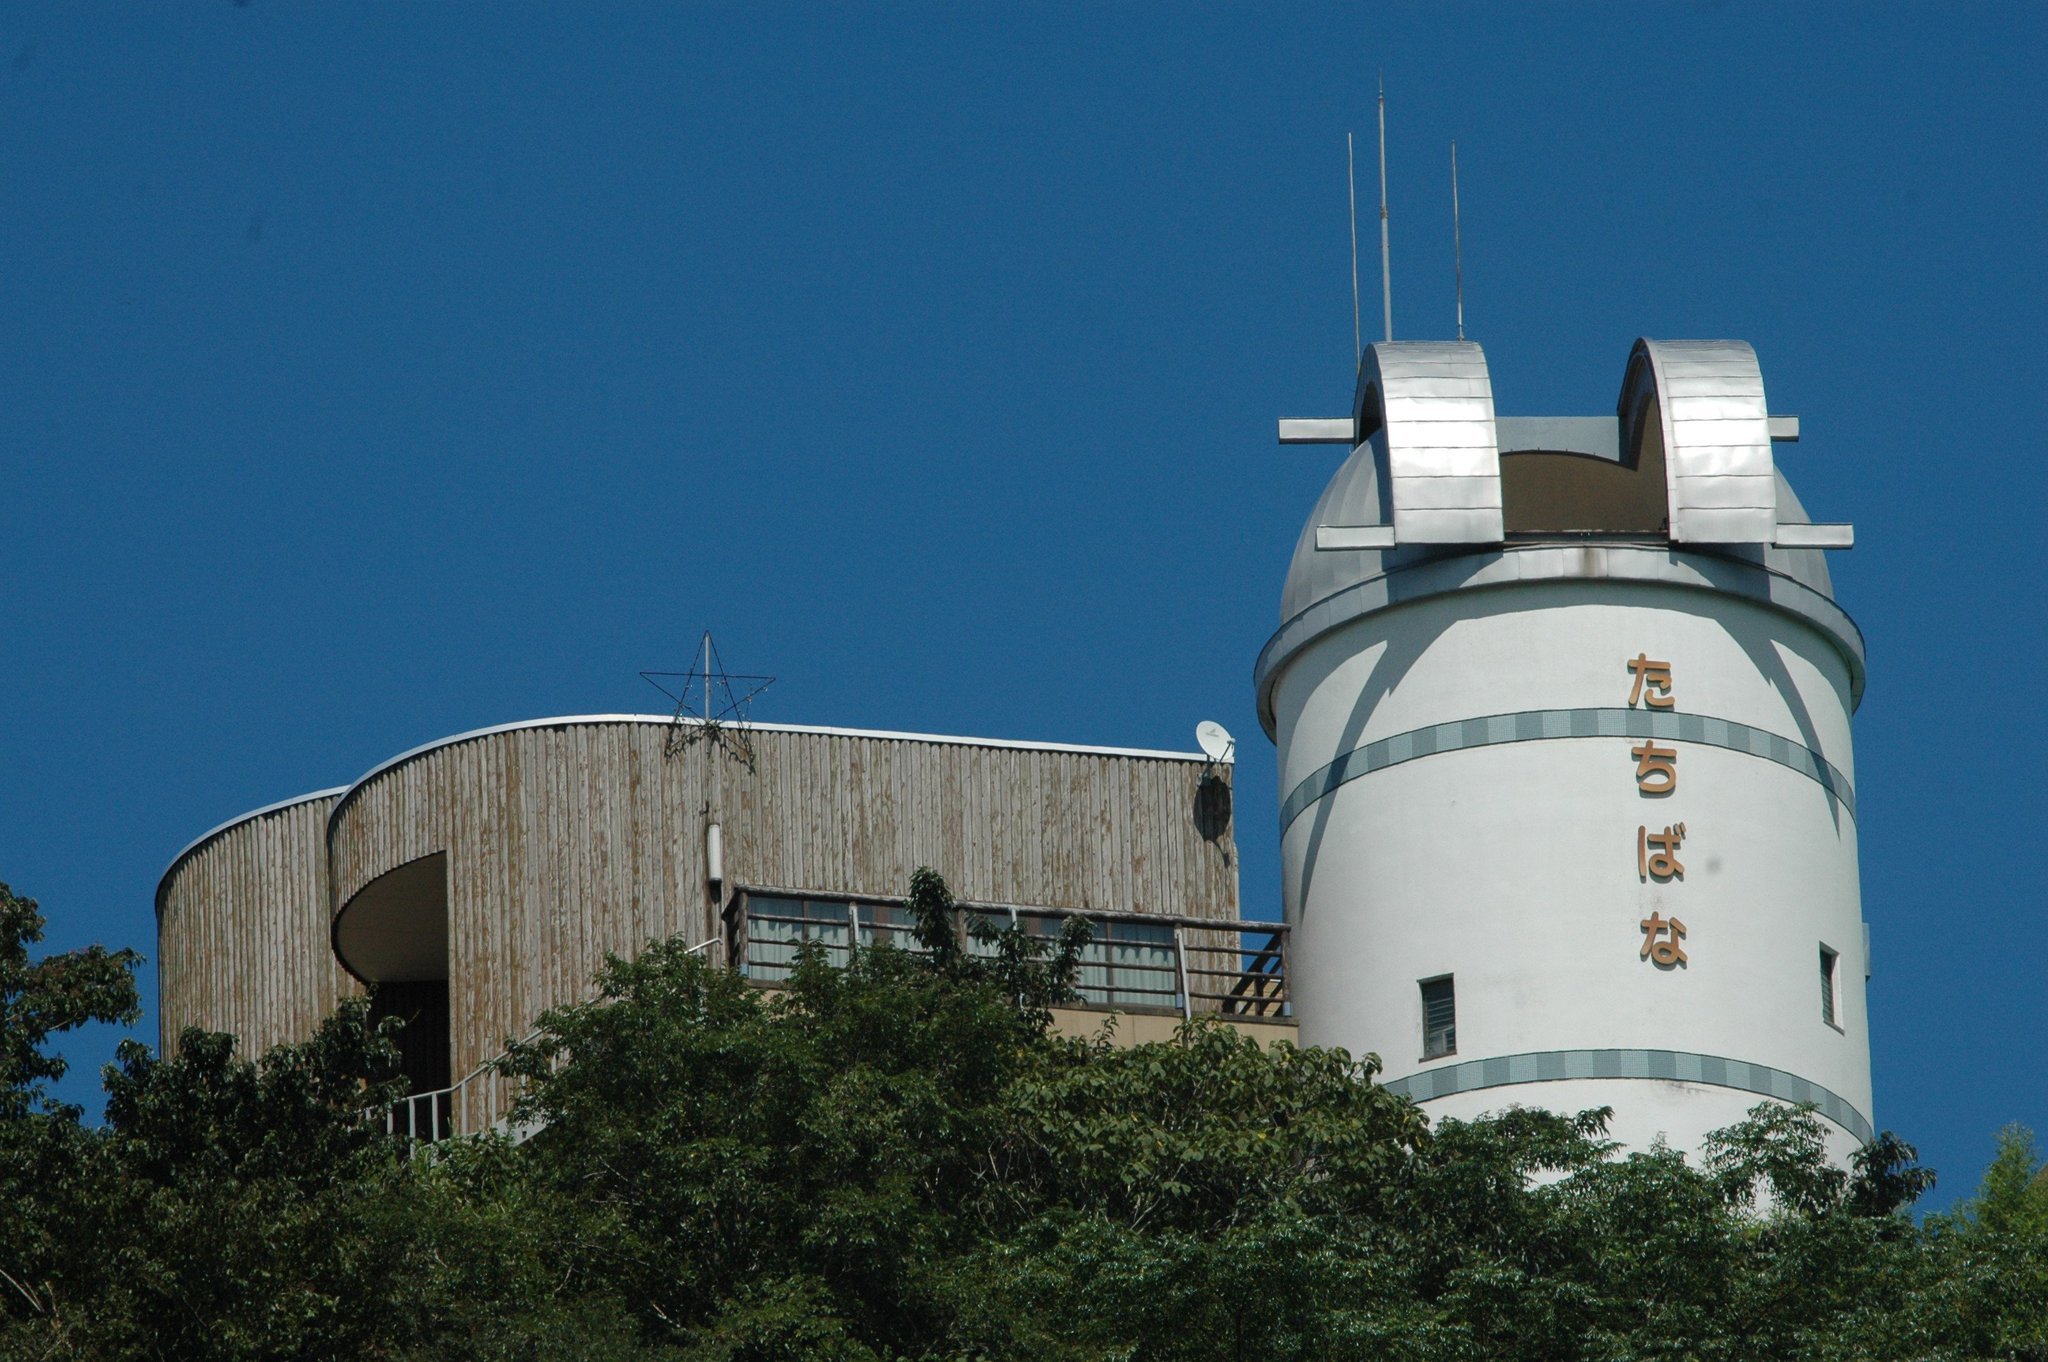 たちばな天文台から天体観測もできるスポット